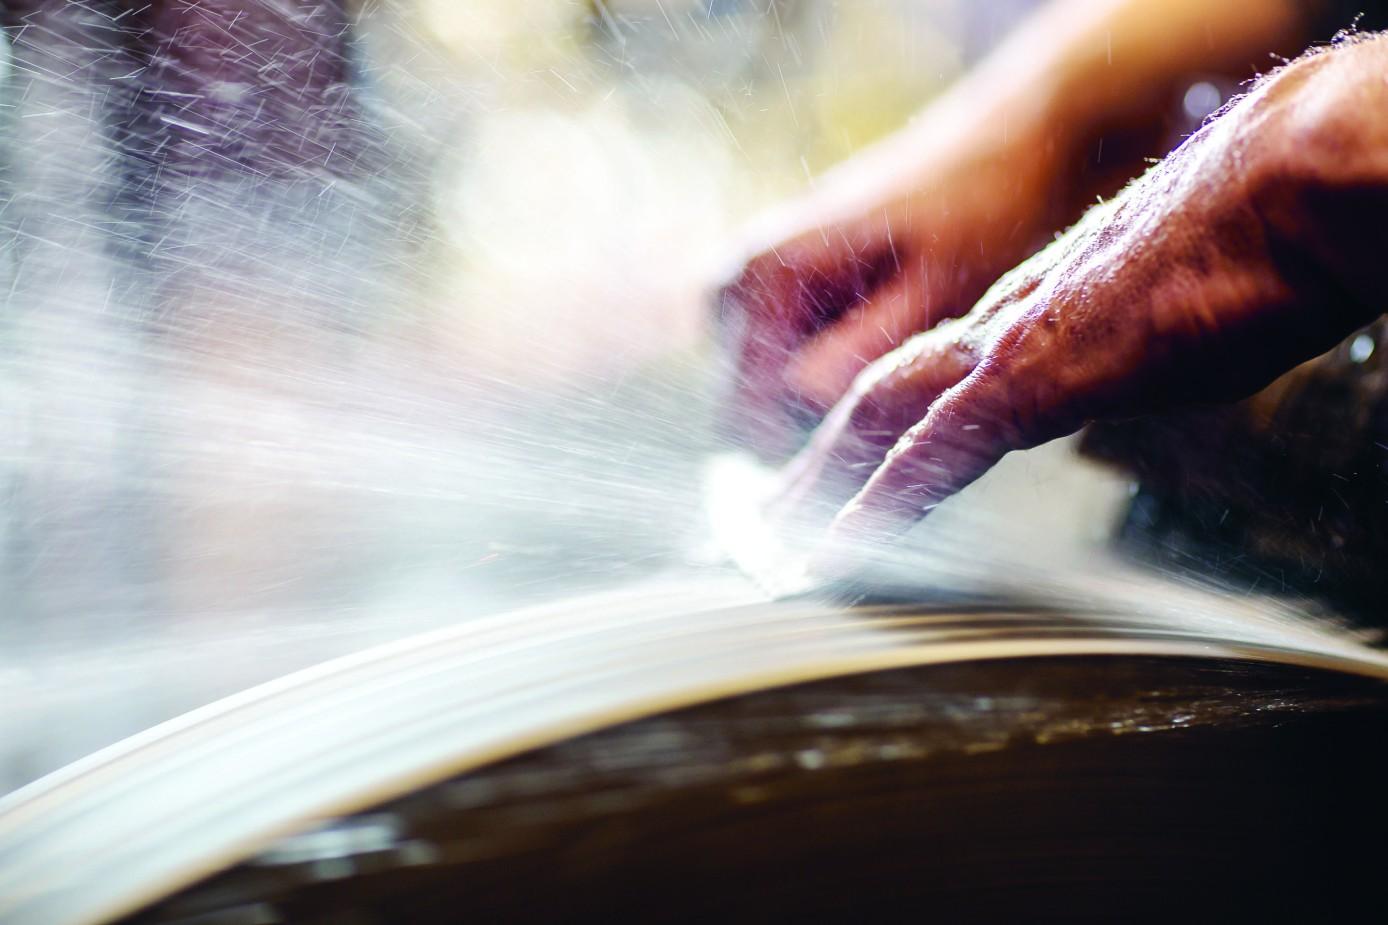 """Messer sind scharf! Springt der Funke über? Foto von Chris Terry aus """"Messer – Handwerk und Kultur des Küchenmessers"""" (Dumont)"""